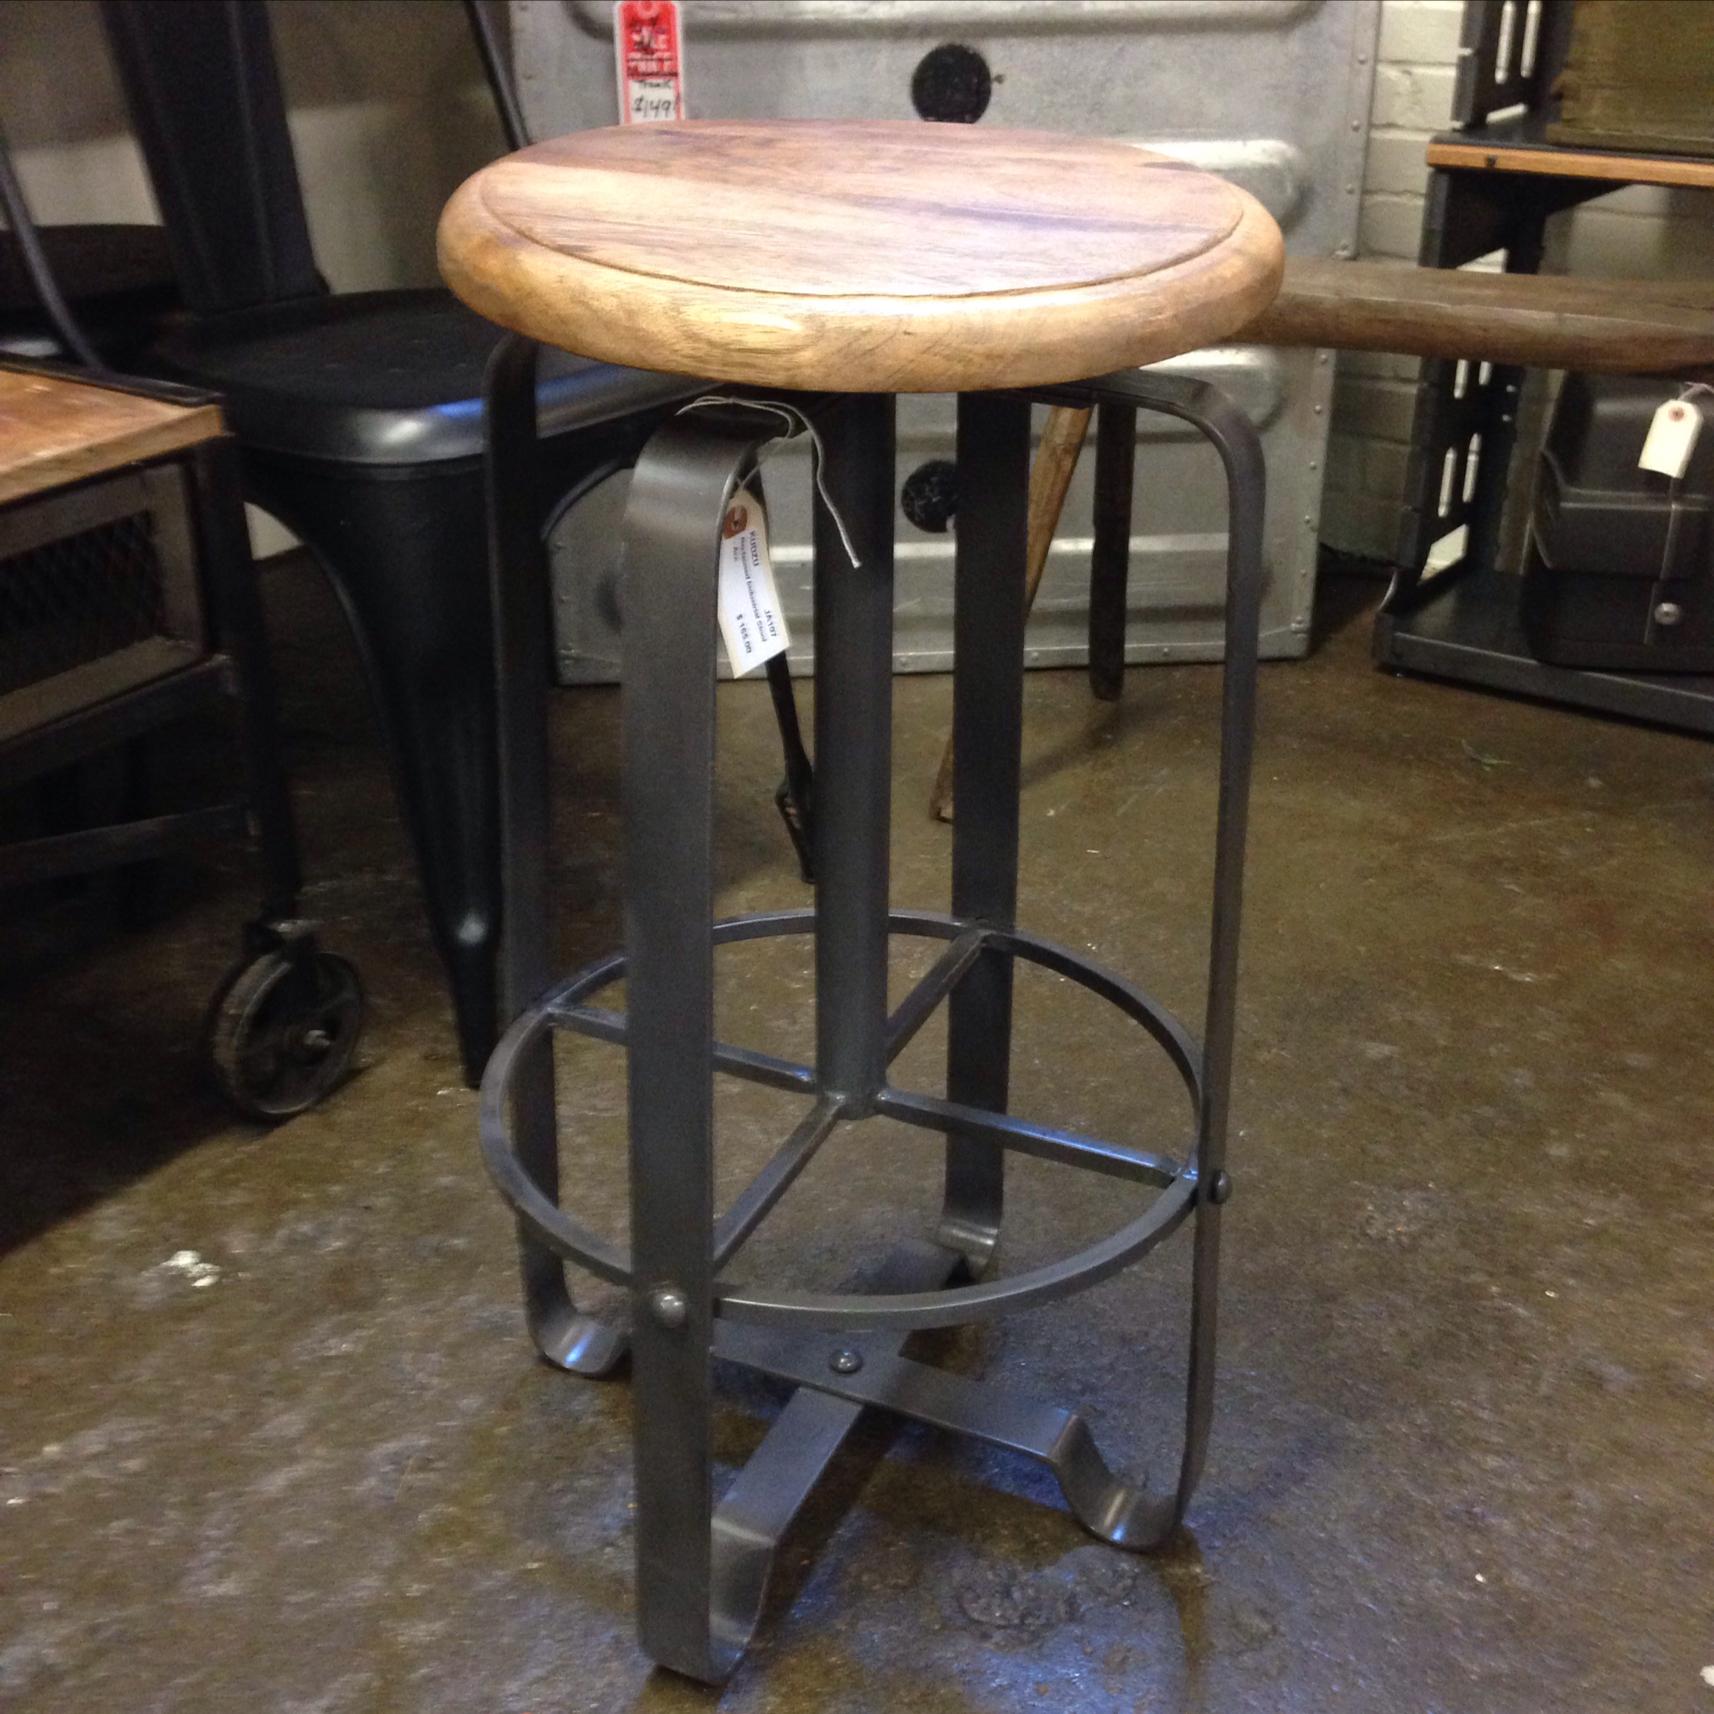 Adjustable Reclaimed Wood u0026 Metal Stool & Adjustable Reclaimed Wood u0026 Metal Stool u2013 Kudzu Antiques islam-shia.org